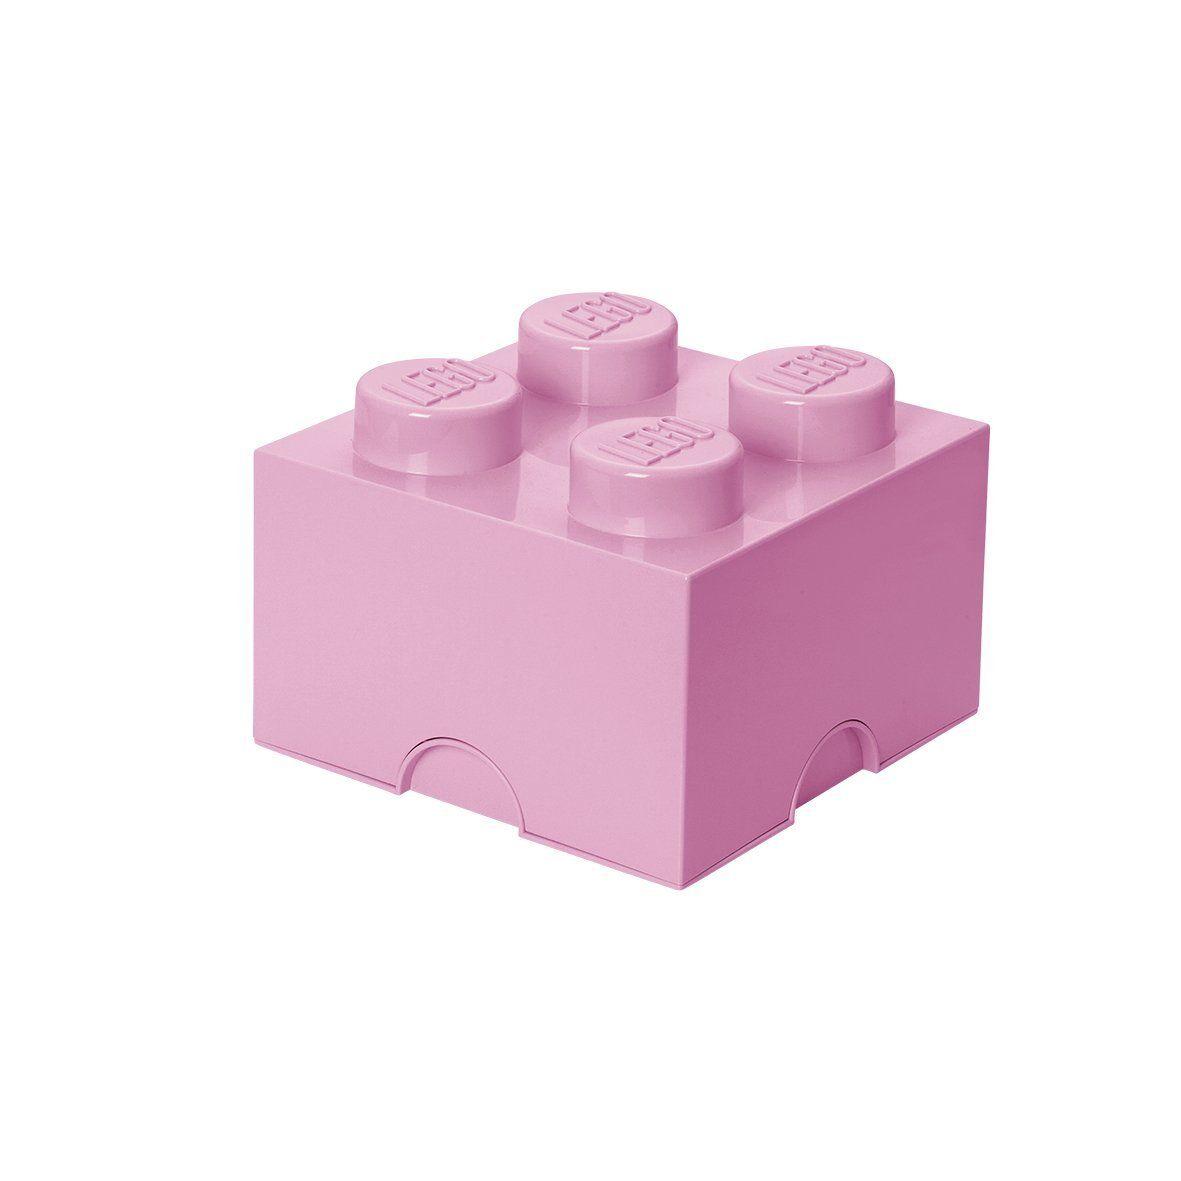 Lego Spielzeugkiste Stauraum Fur Das Kinderzimmer Lego